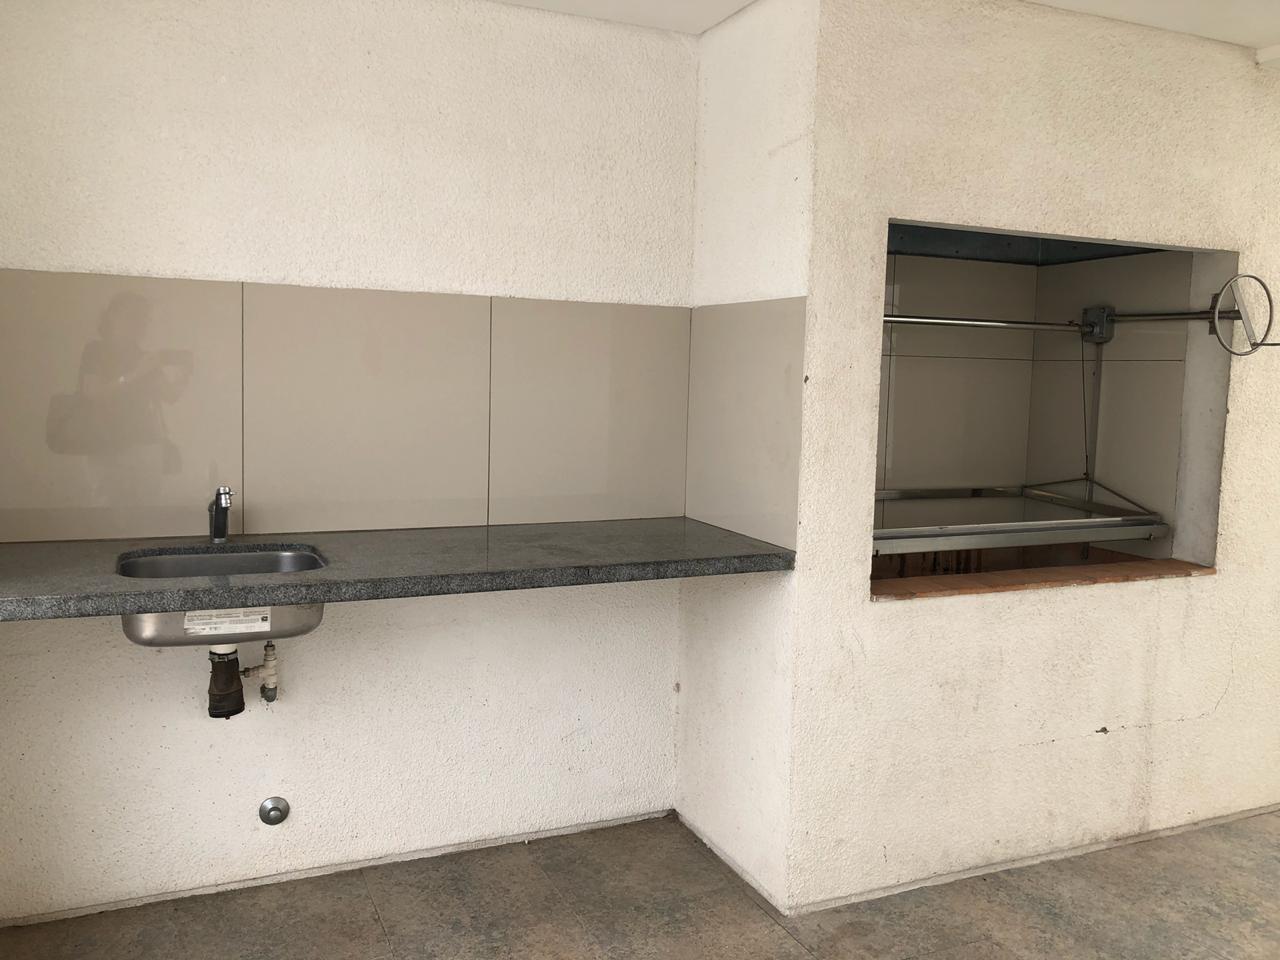 Departamento en Venta DEPARTAMENTO EN VENTA, CONDOMINIO PANORAMA CONCEPTS. Foto 3